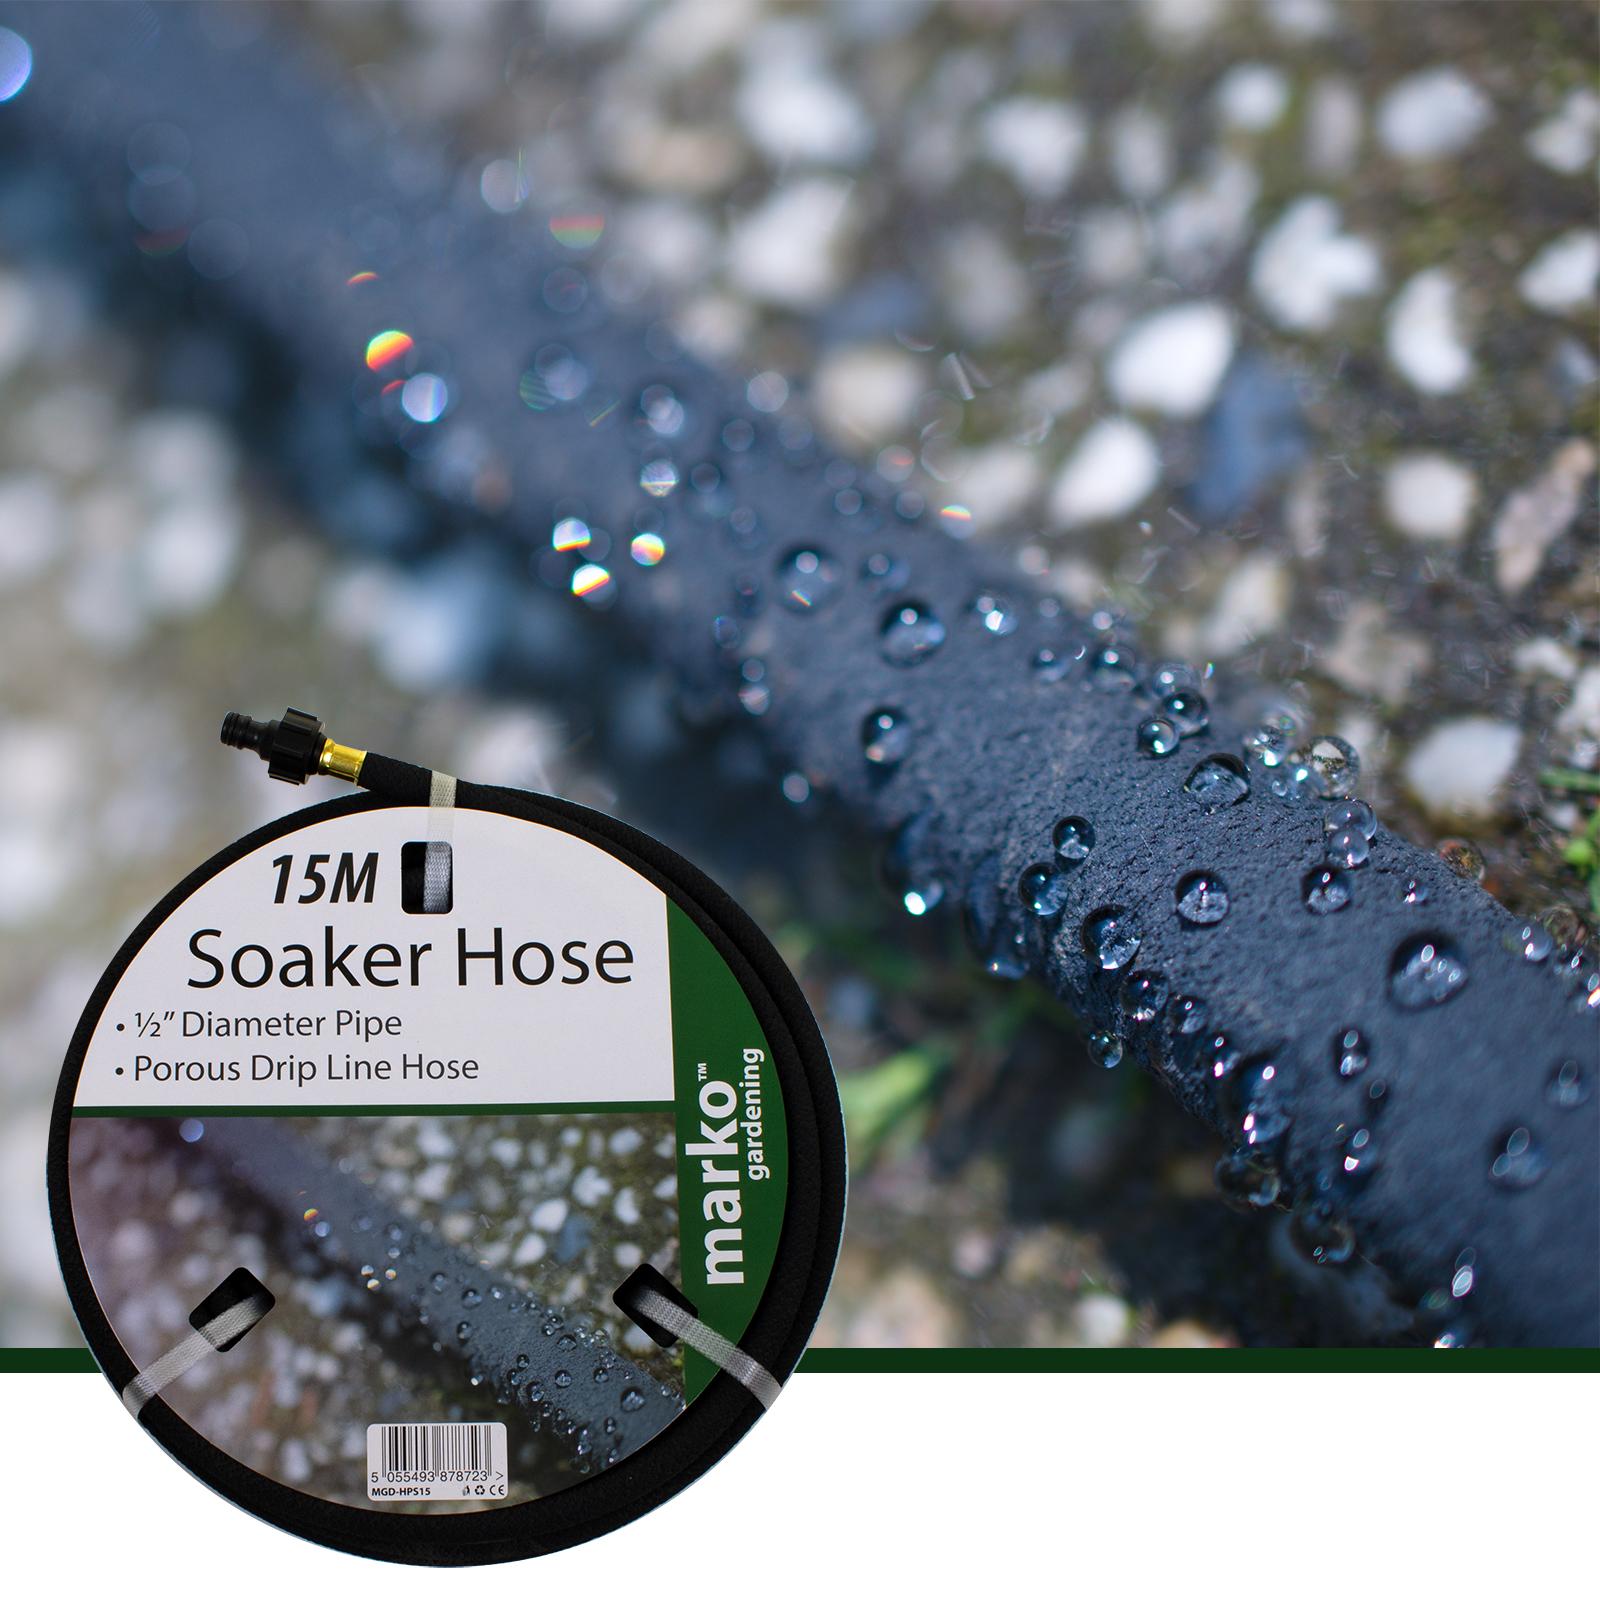 15m Soaker Hose Water Lawn Garden Plant